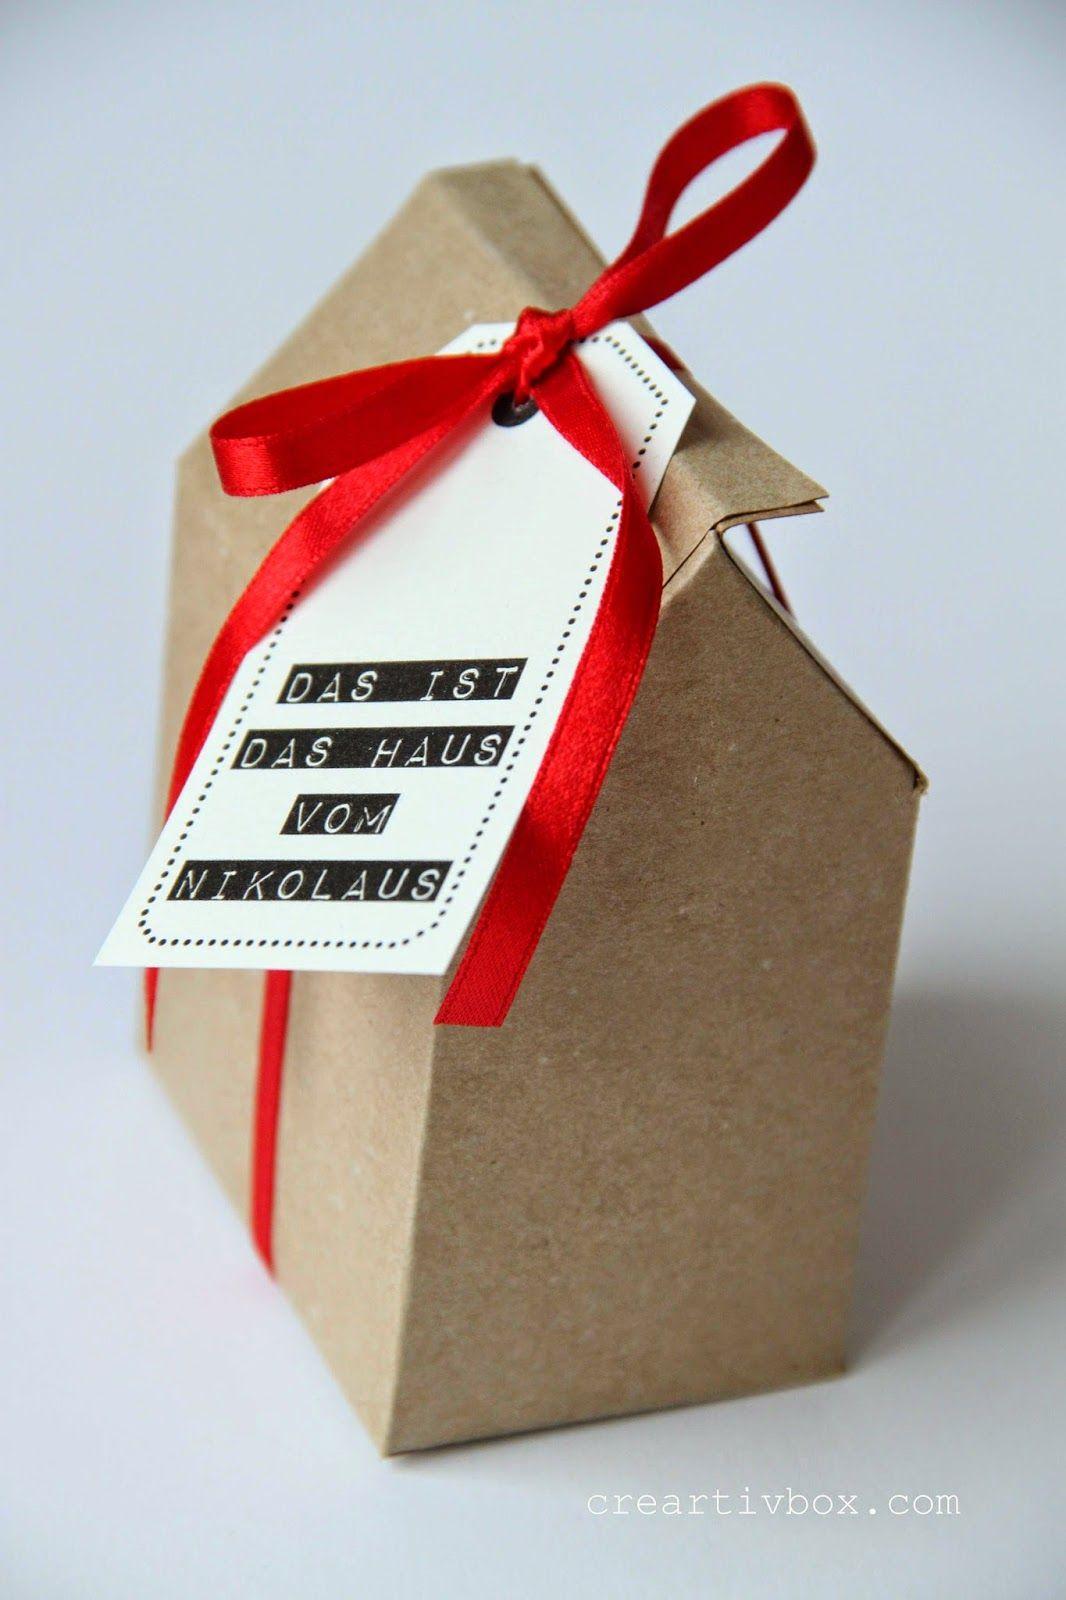 das haus vom nikolaus weihnachten pinterest weihnachten nikolaus und geschenke. Black Bedroom Furniture Sets. Home Design Ideas